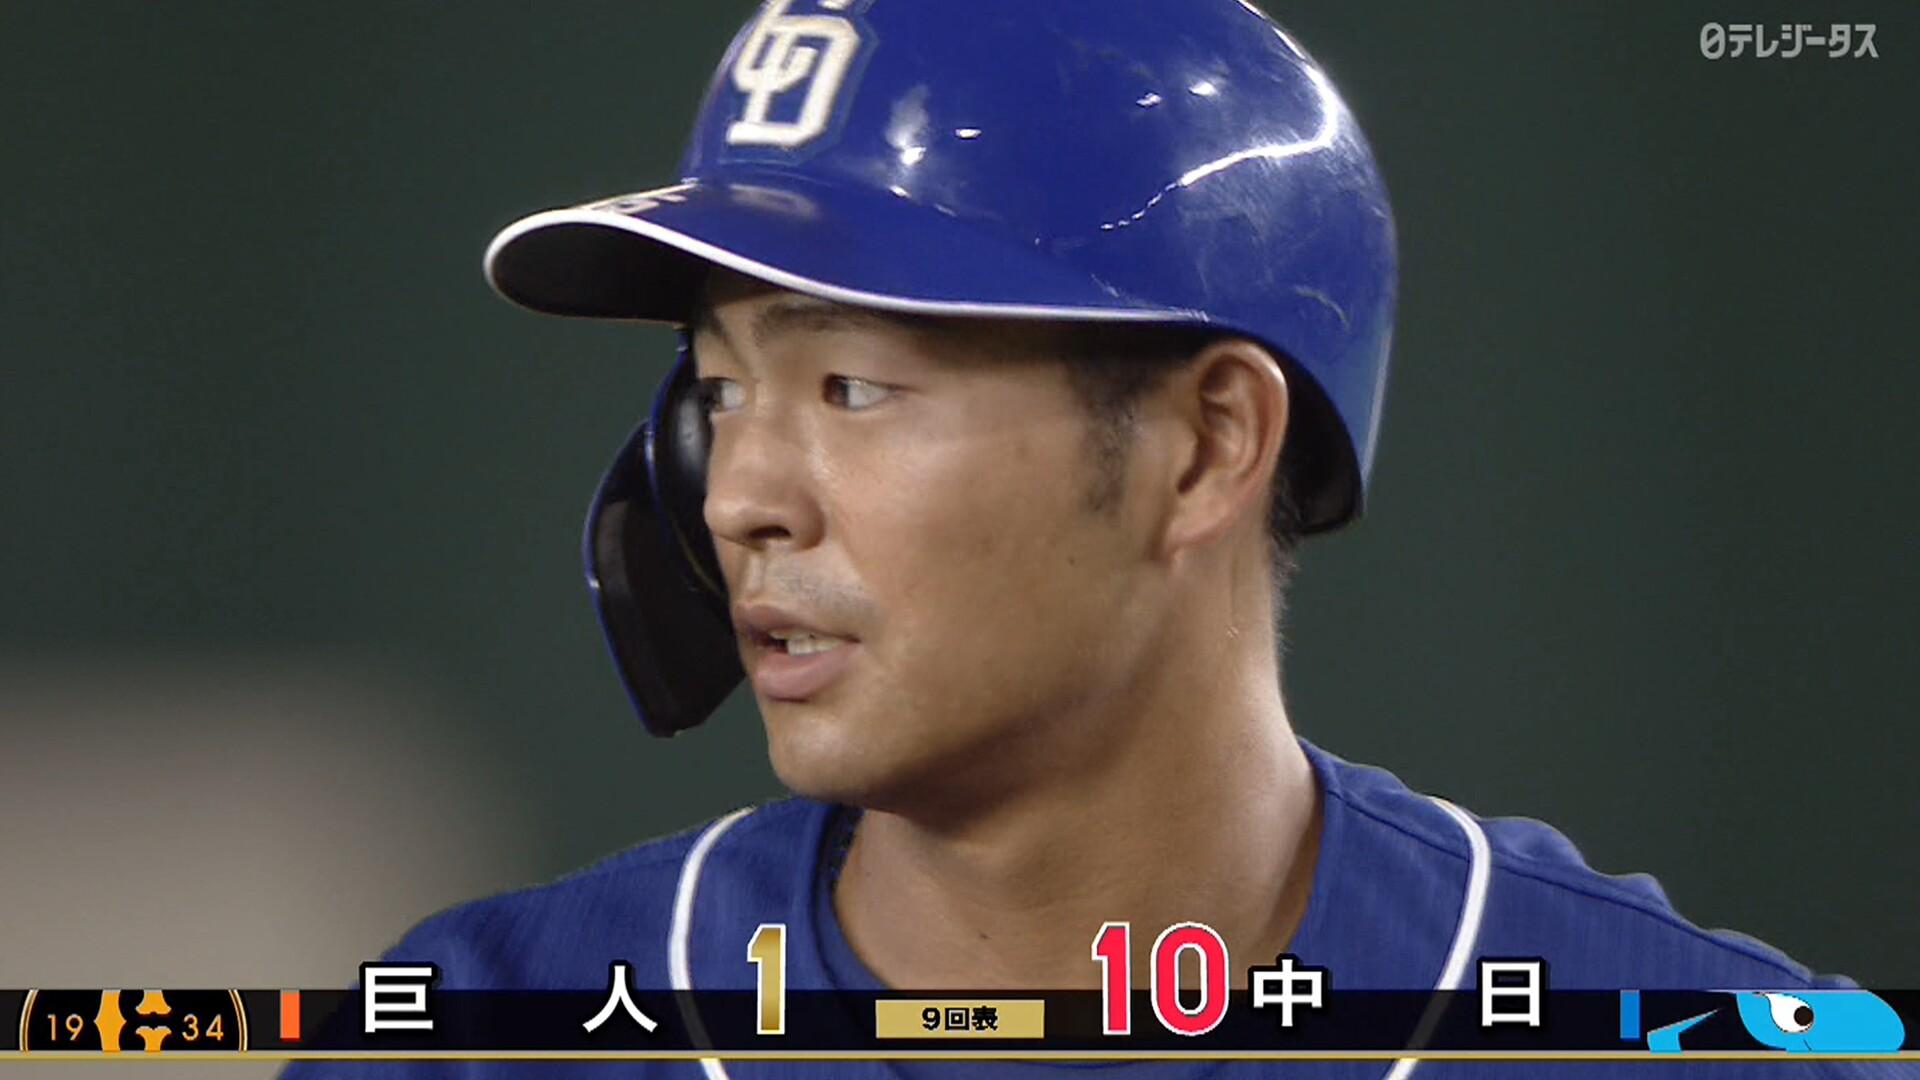 中日・土田龍空、クレバーな守備&2点タイムリー 野球センスの塊やんけ…